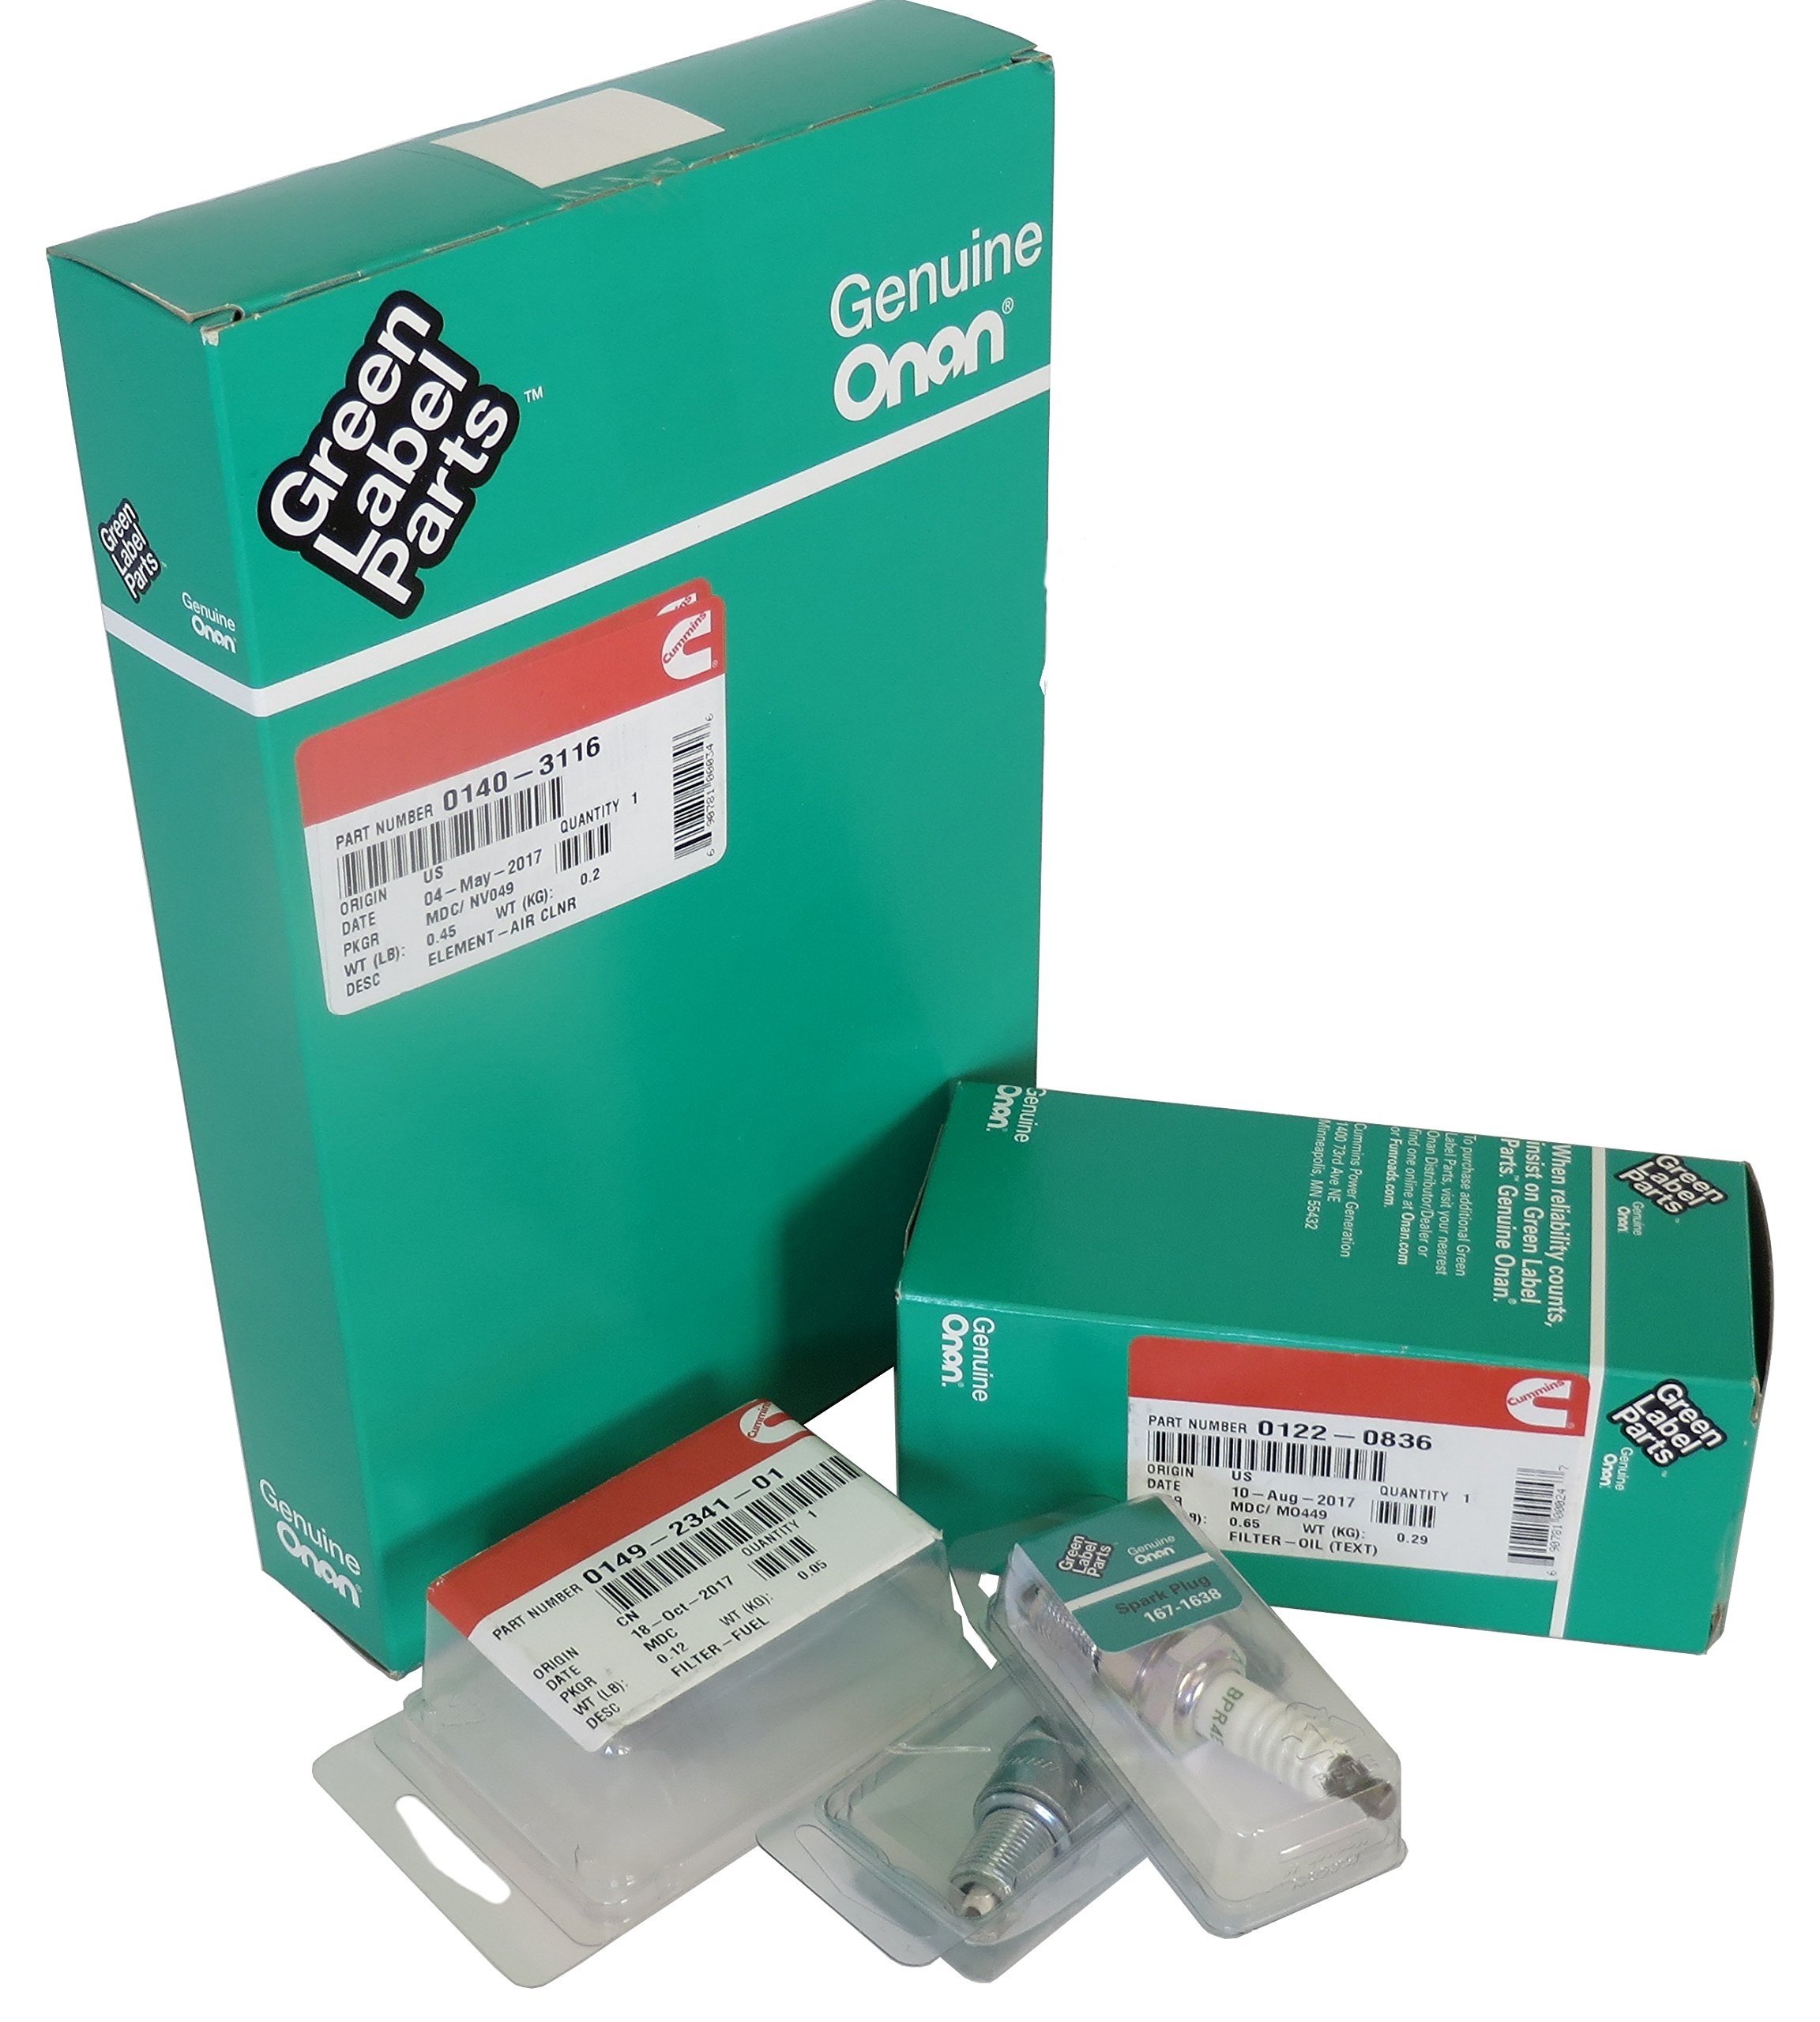 Cheap Onan Generators For Sale, find Onan Generators For